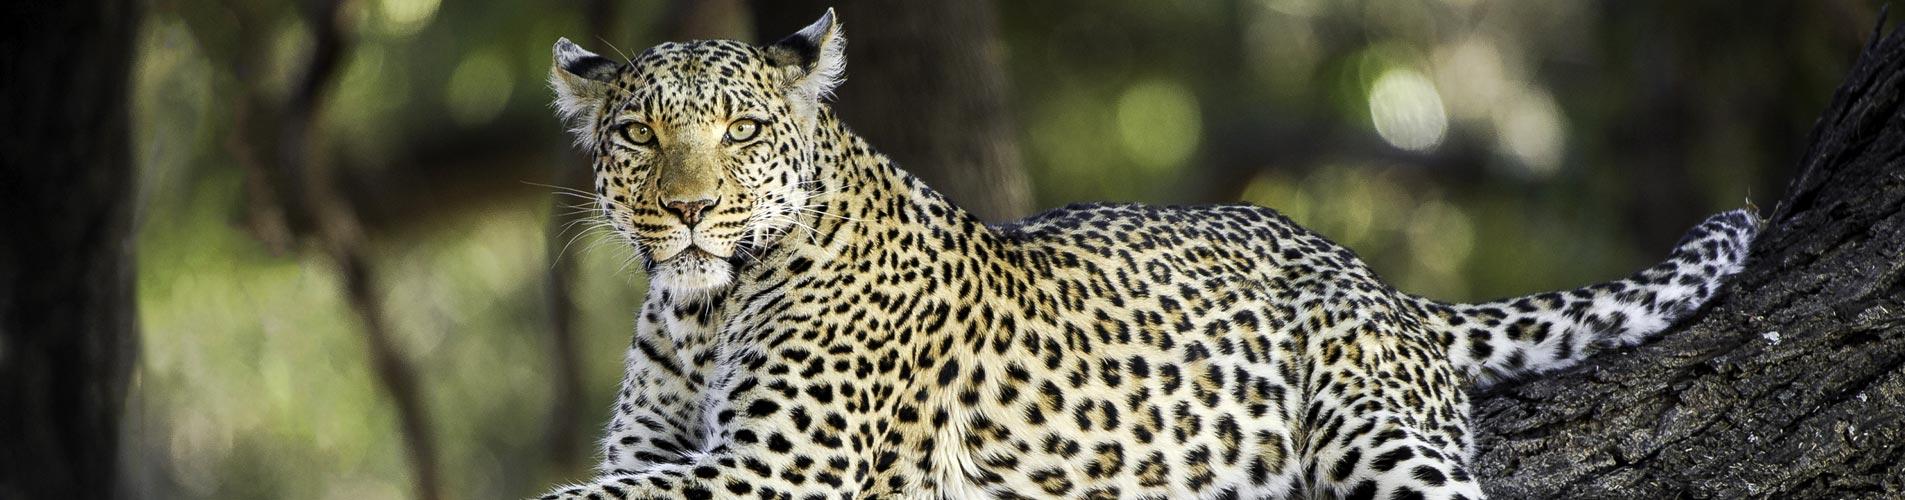 Botswana Safaris Mombo Leopard